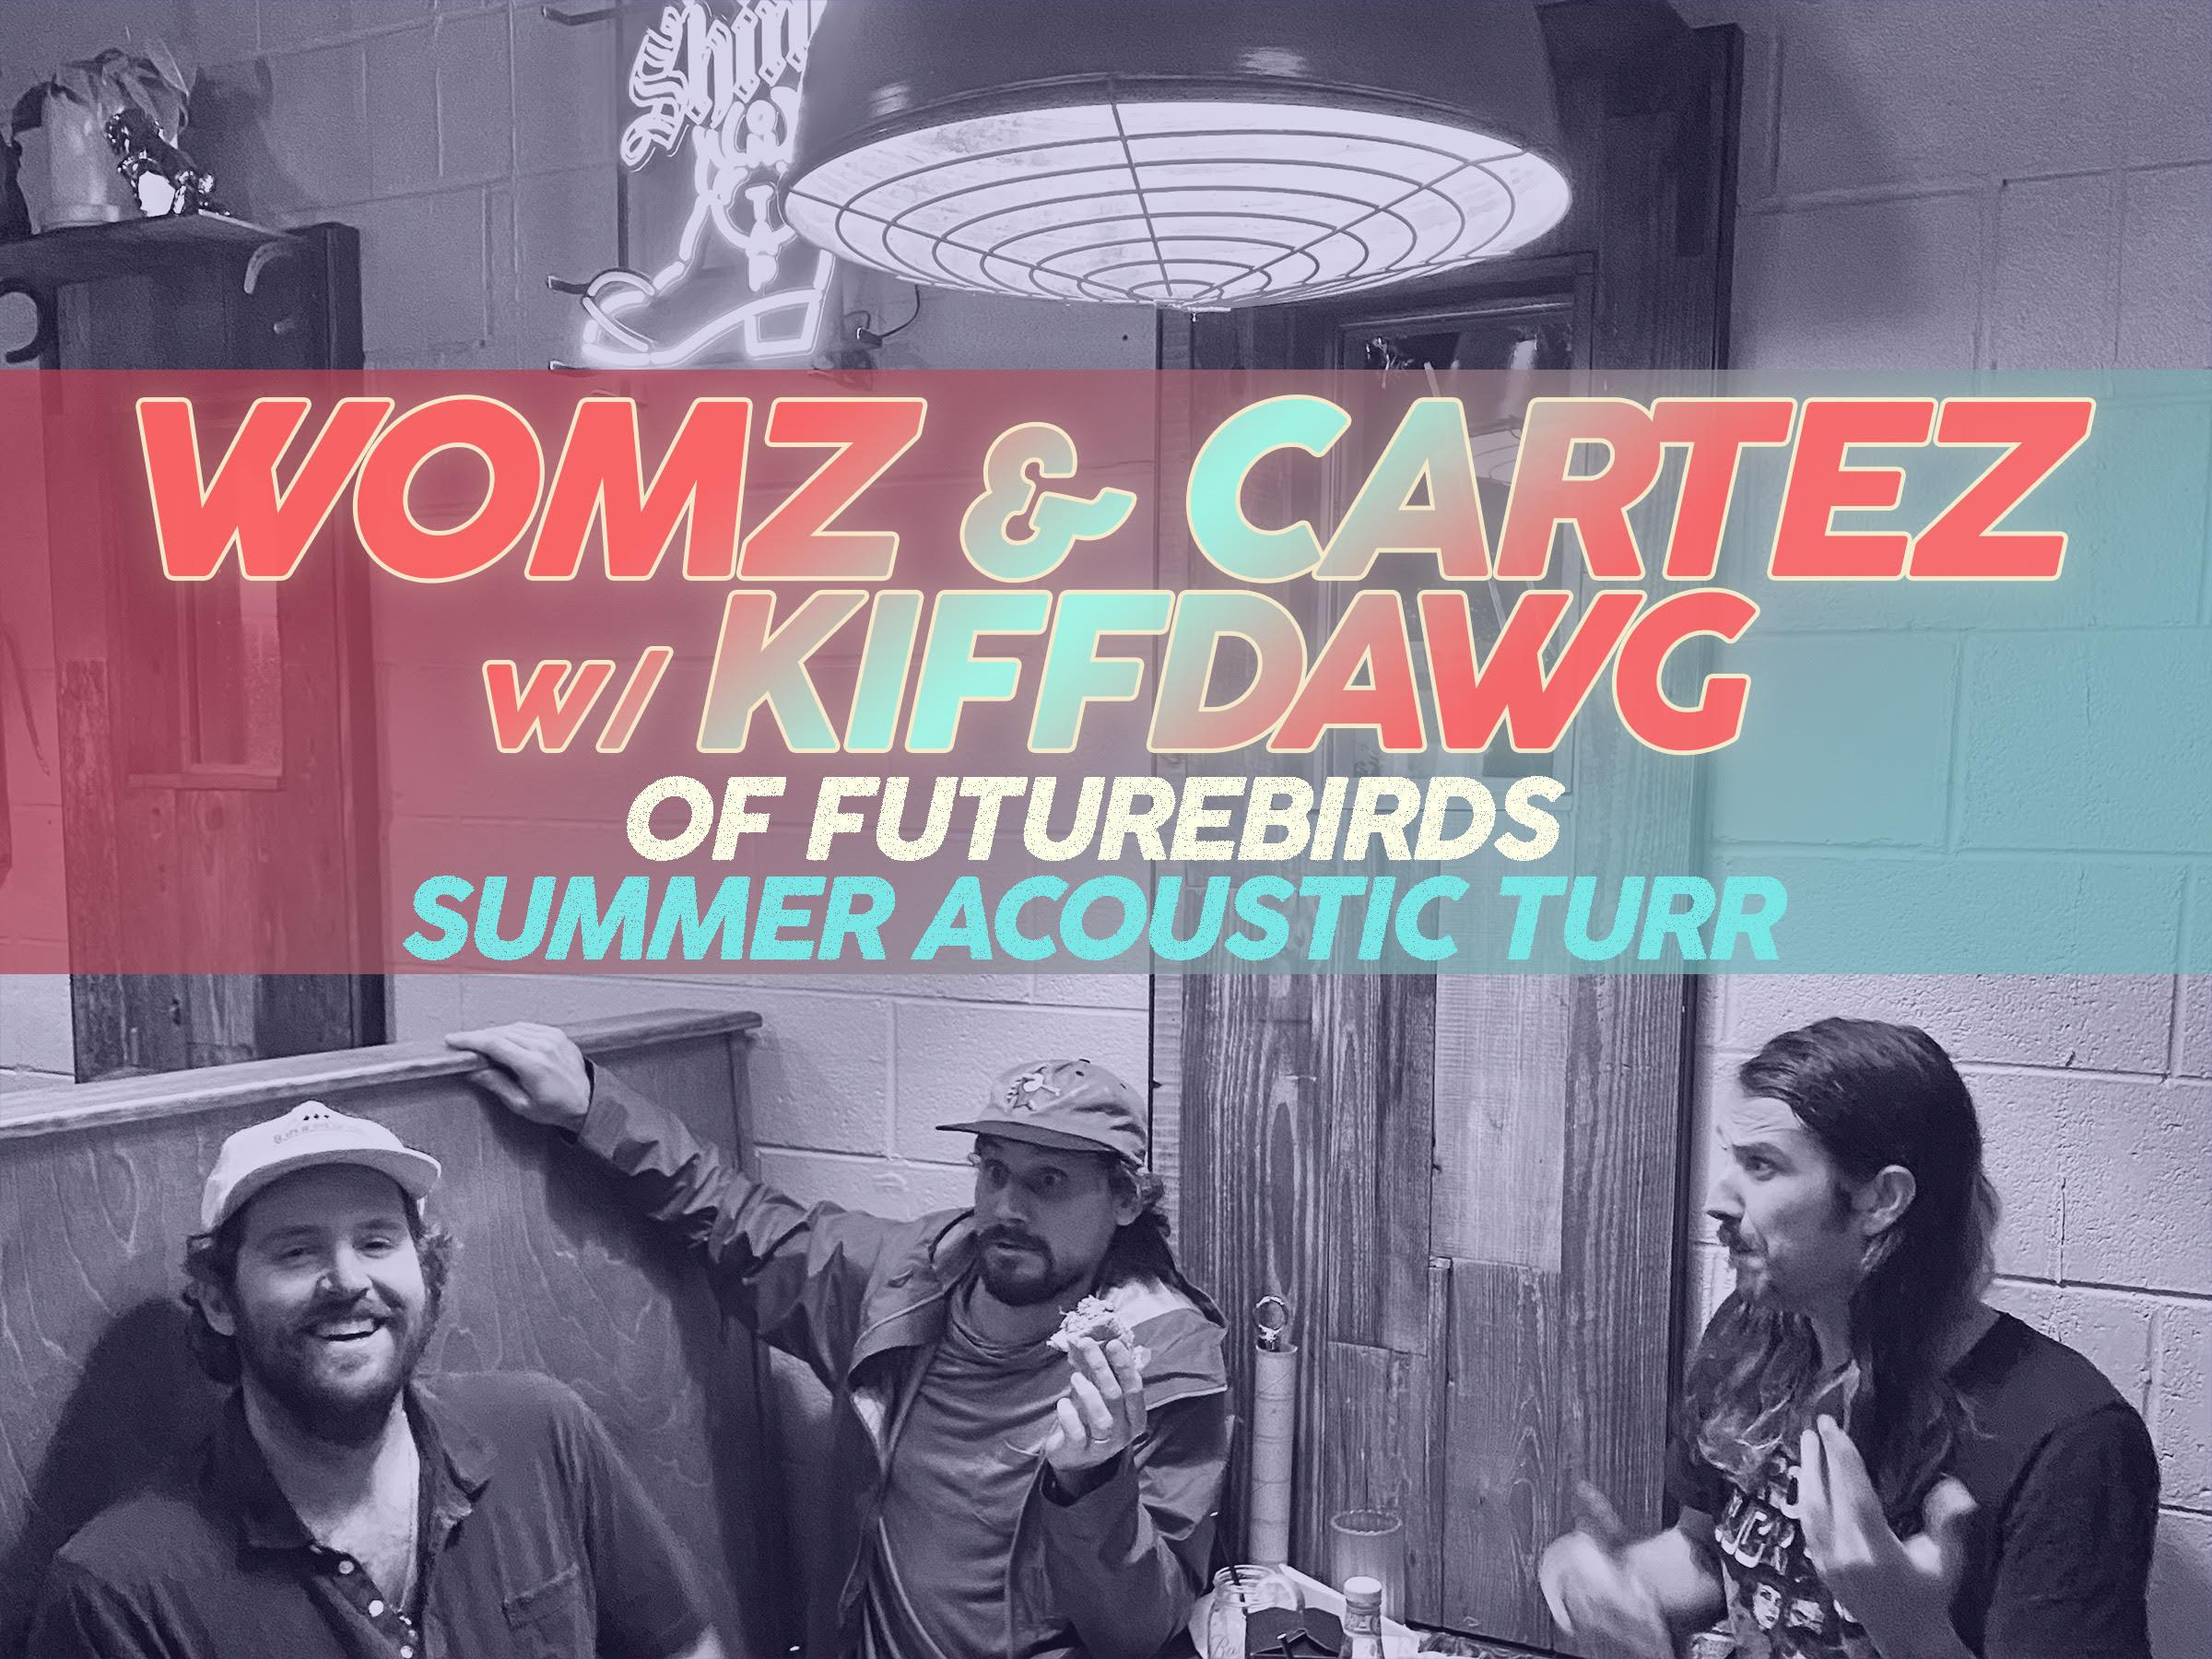 Womz and Cartez w/ Kiffdawg (of Futurebirds):